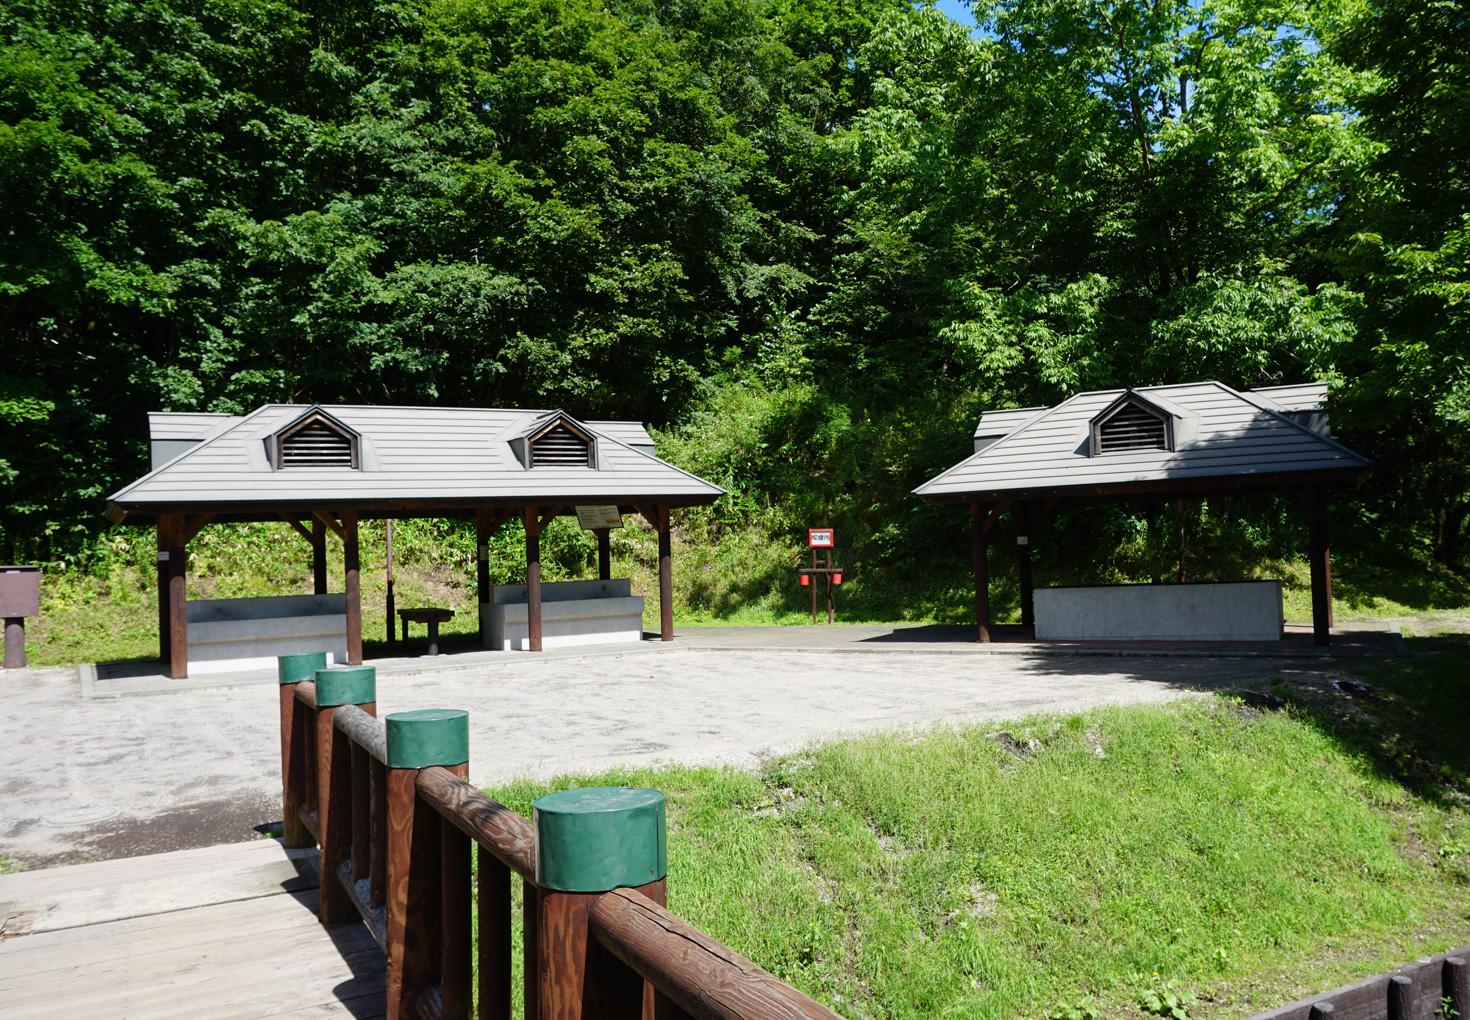 千歳市泉沢自然の森キャンプ場炊事場